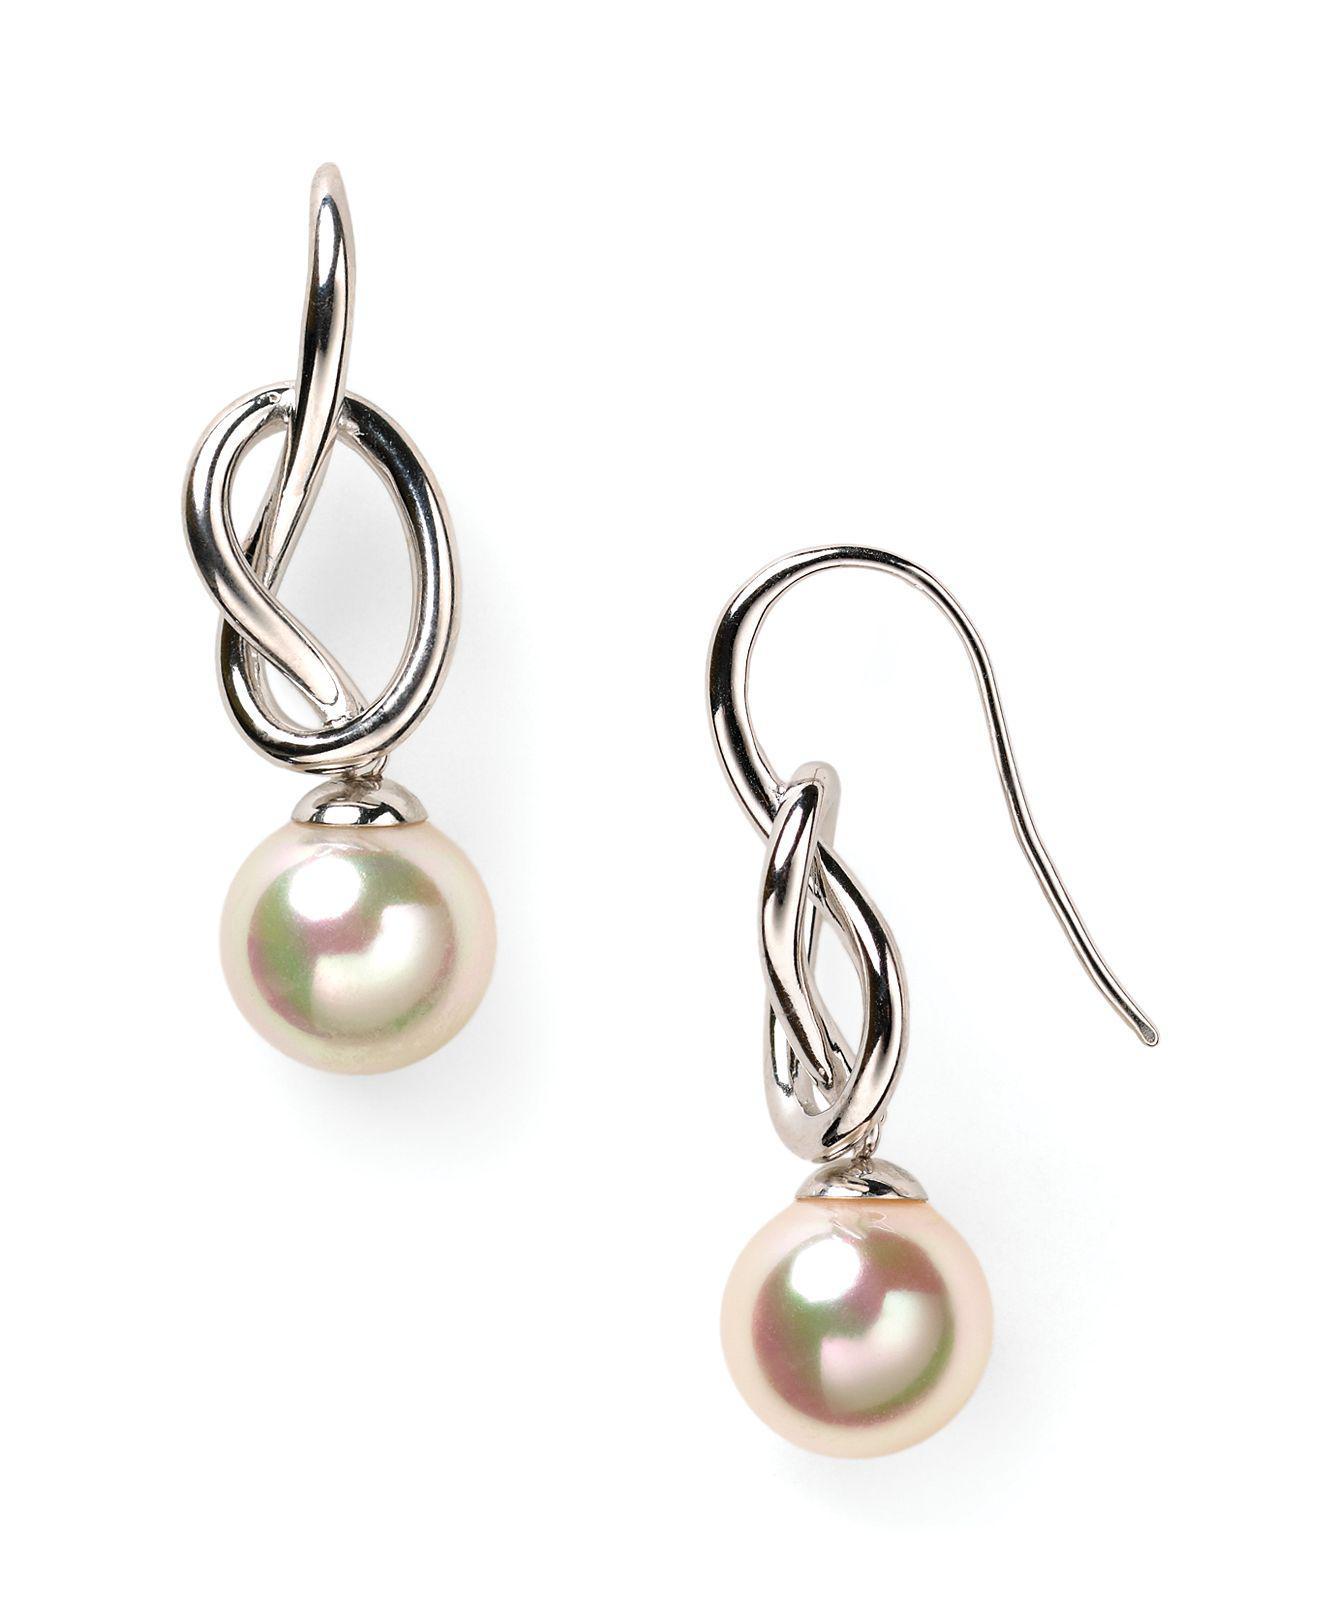 Majorica Pearl-Drop Silver Knot Earrings oHWBCrHHk